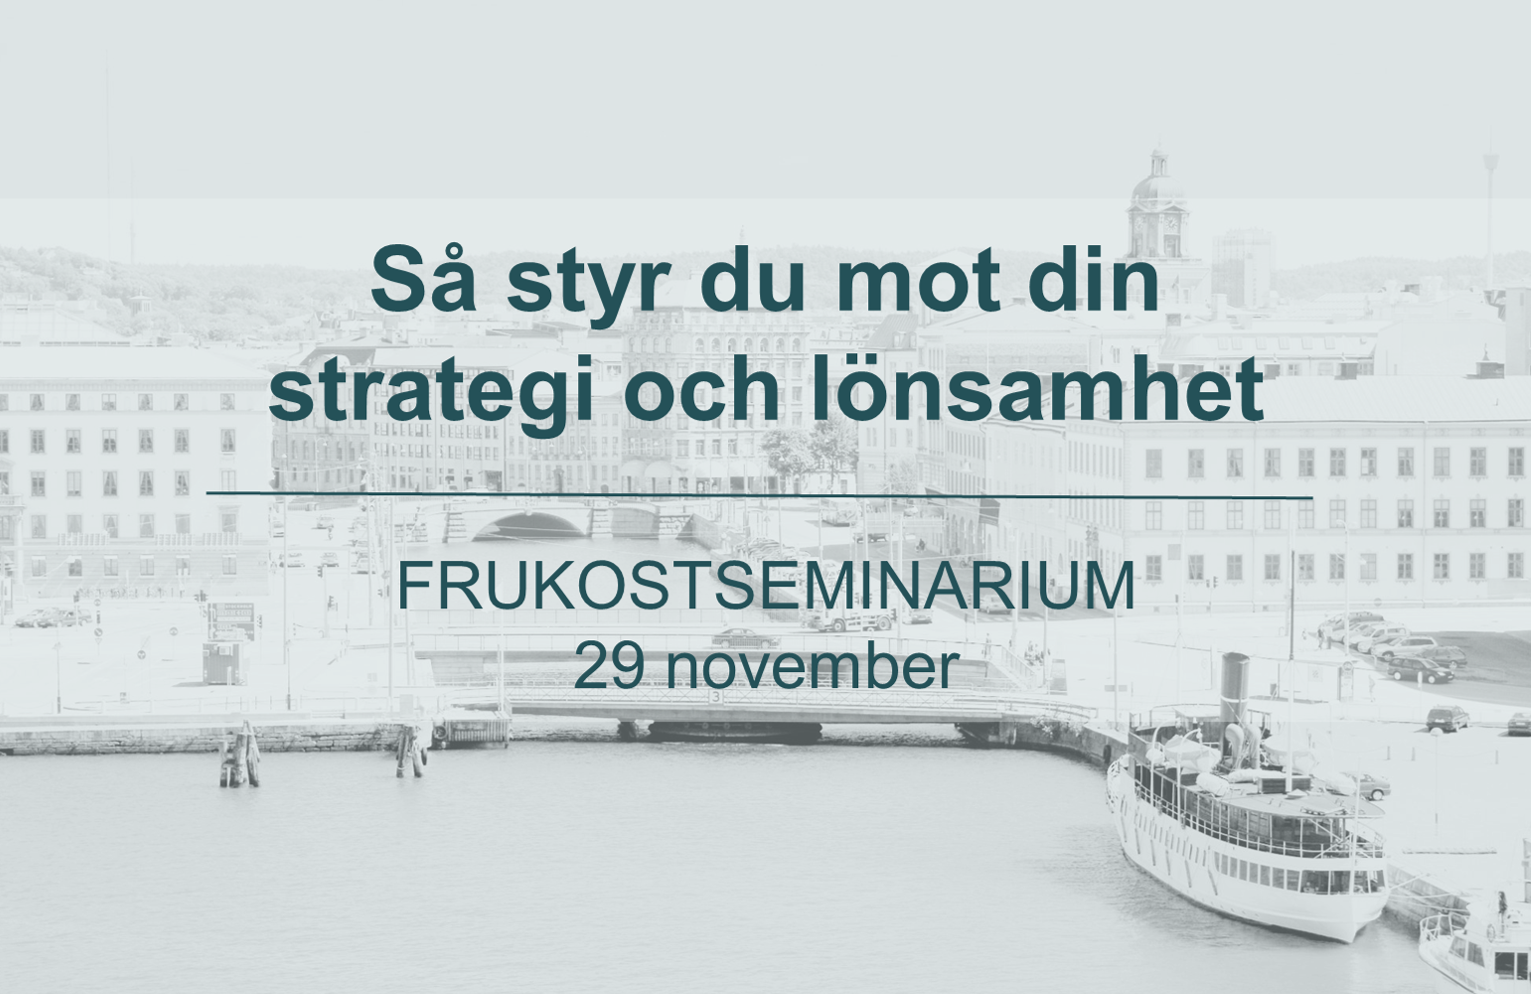 Styra mot strategi och lönsamhet